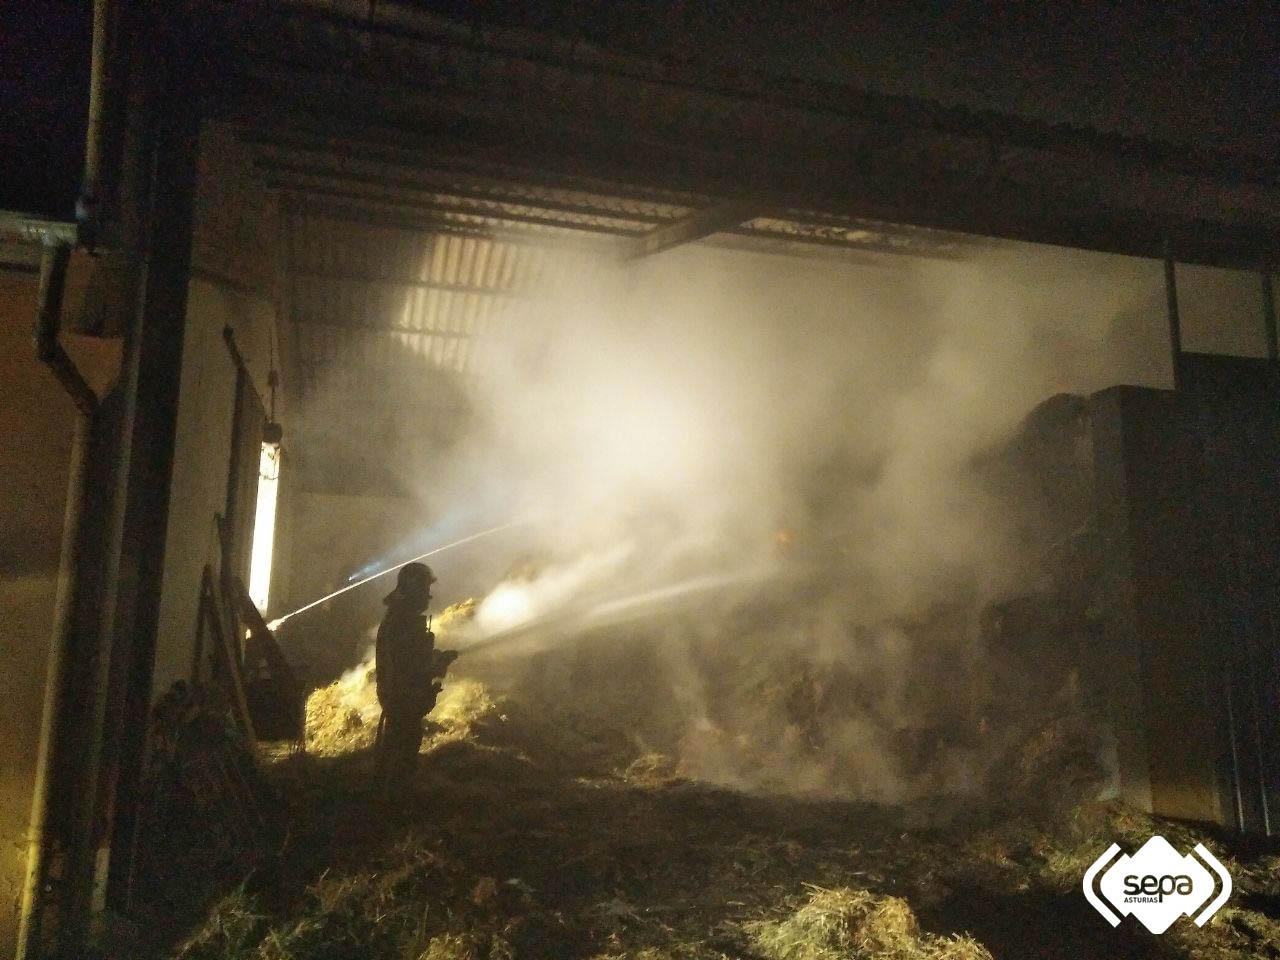 Diez horas para apagar el fuego en una nave agrícola